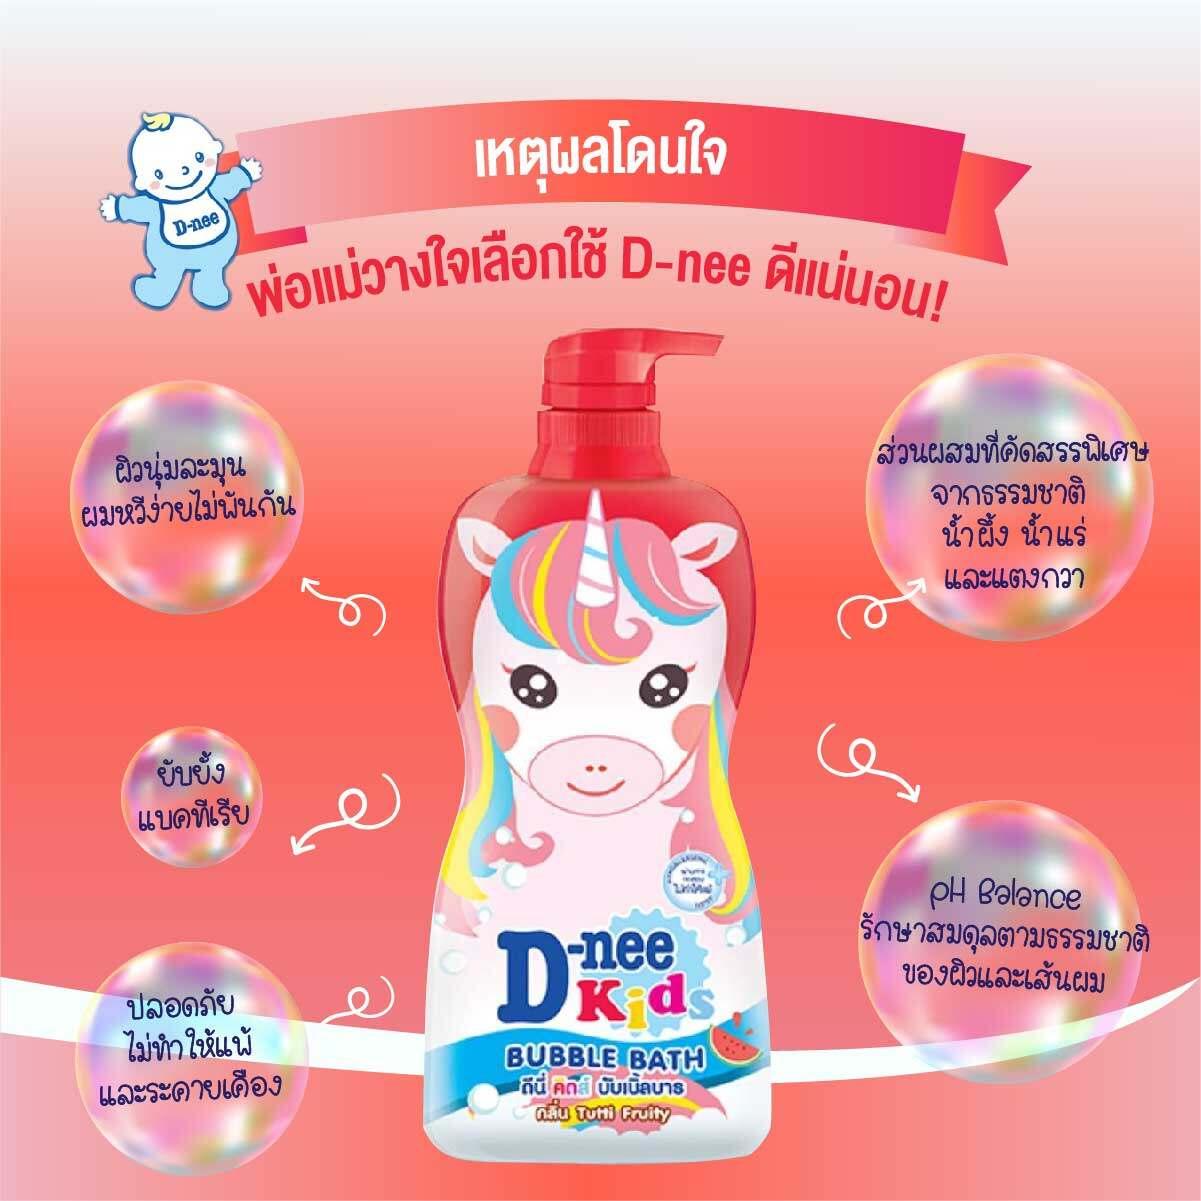 ราคา D-nee Kids Bubble Bath สบู่เหลว กลิ่น Tutti Fruity 400 มล. (แพ็ค 3)